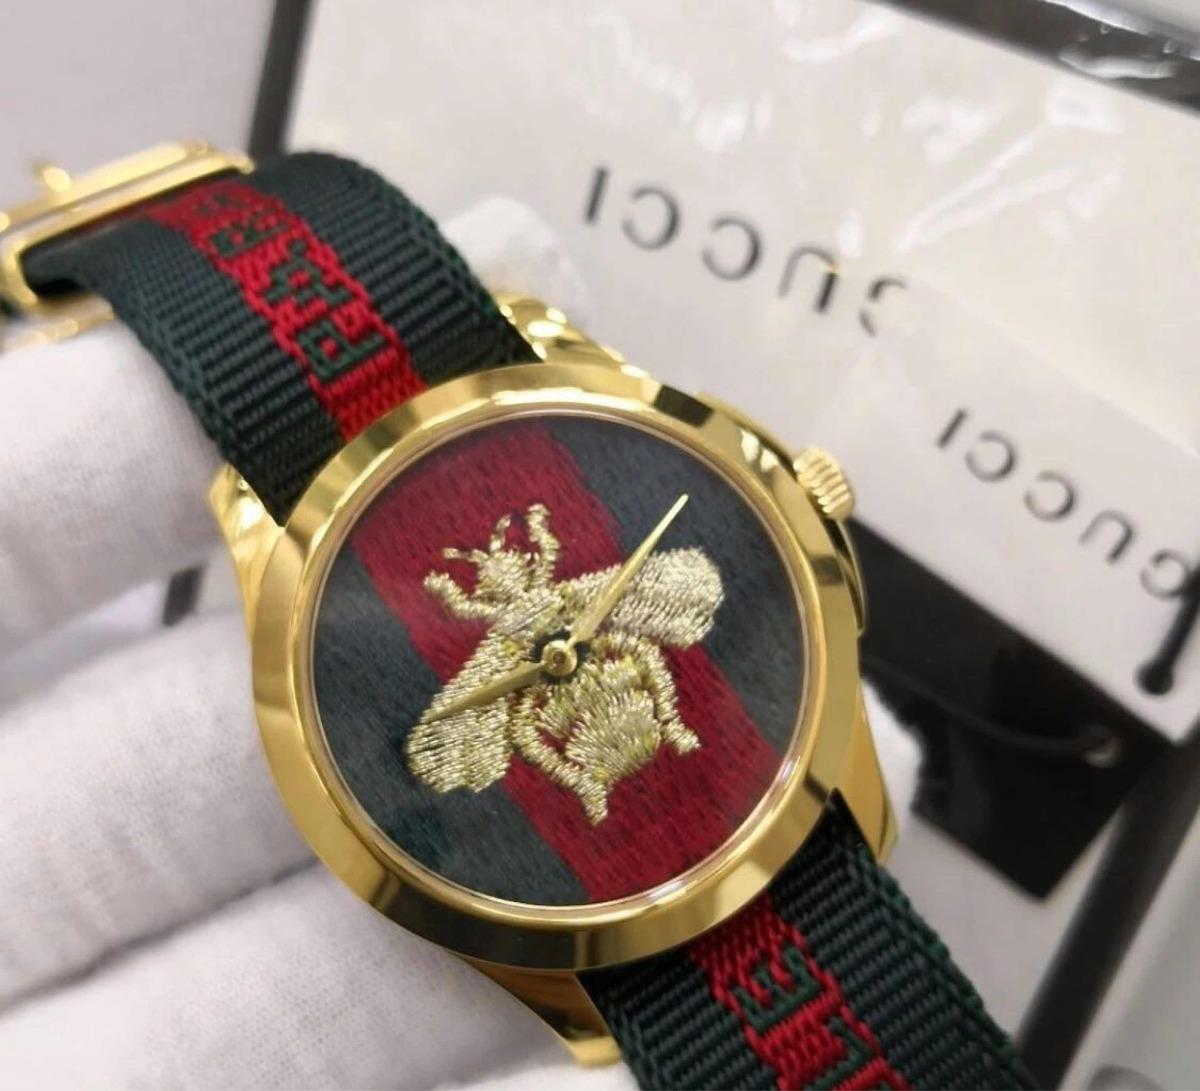 8a91088ee81 relógio gucci abelha frete grátis original. Carregando zoom.